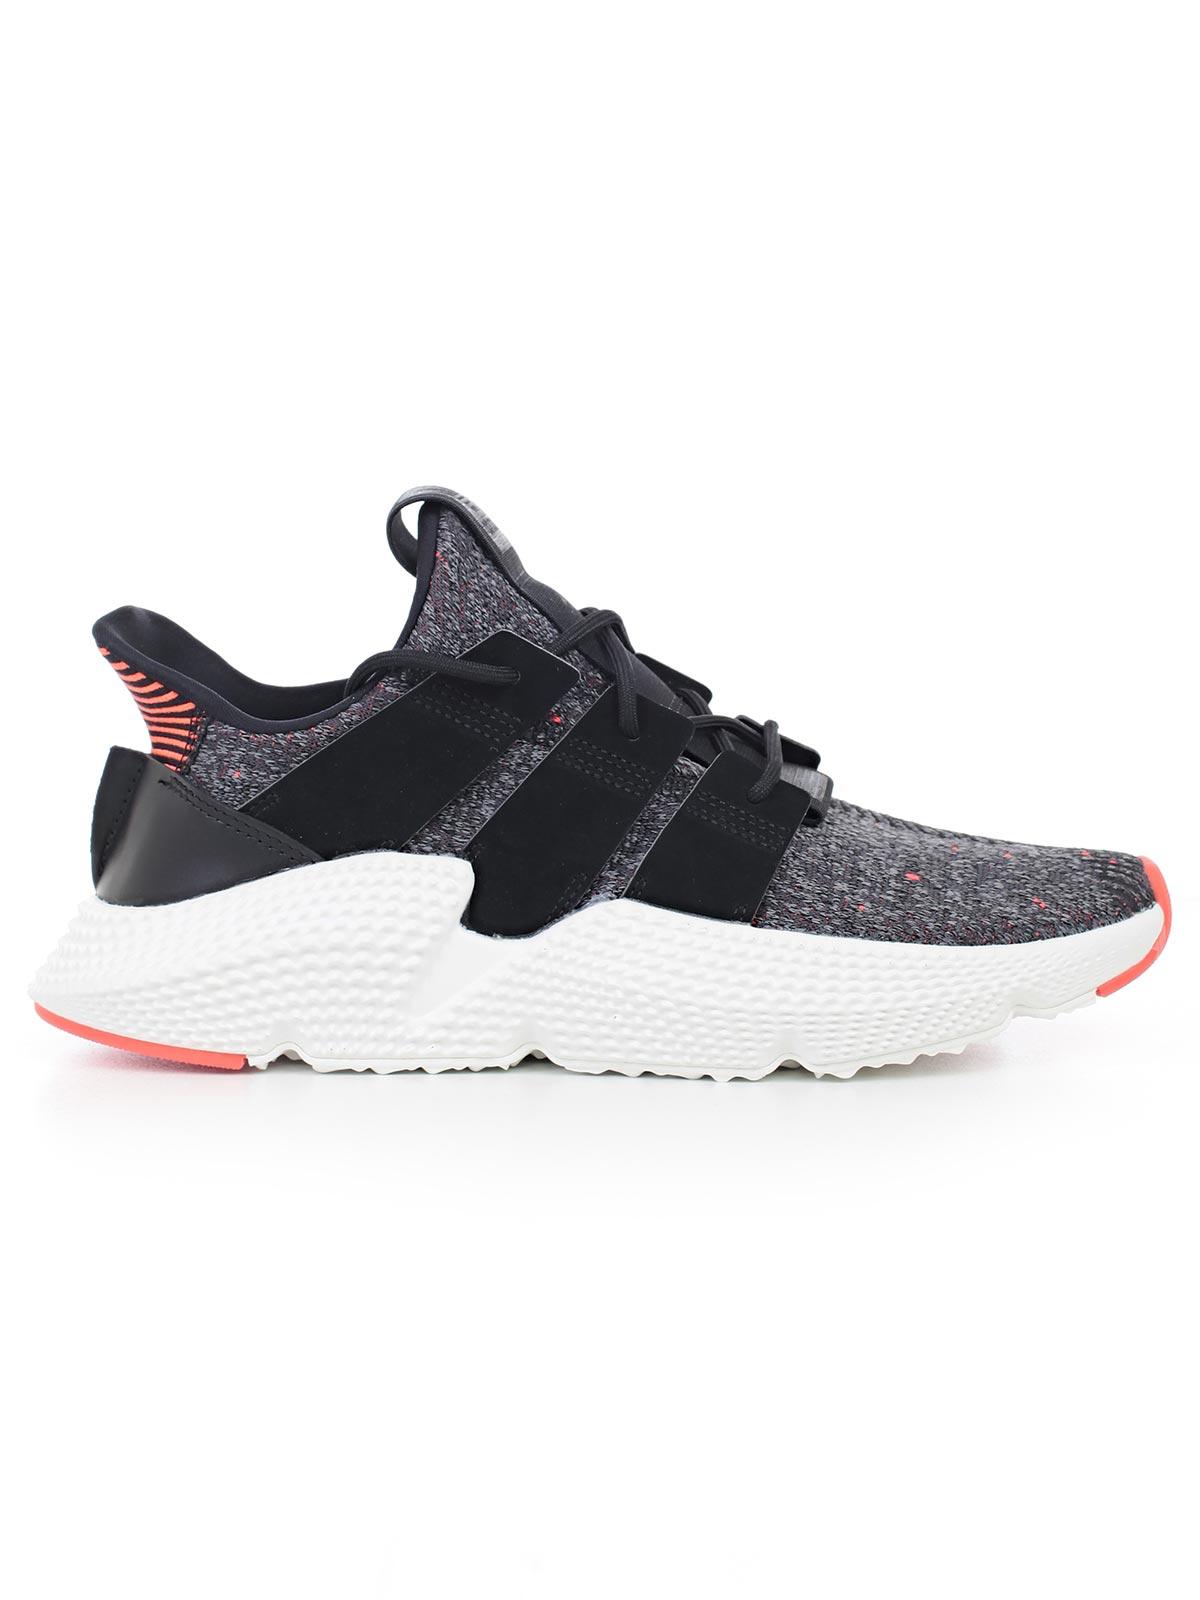 Picture of Adidas Originals Sandals